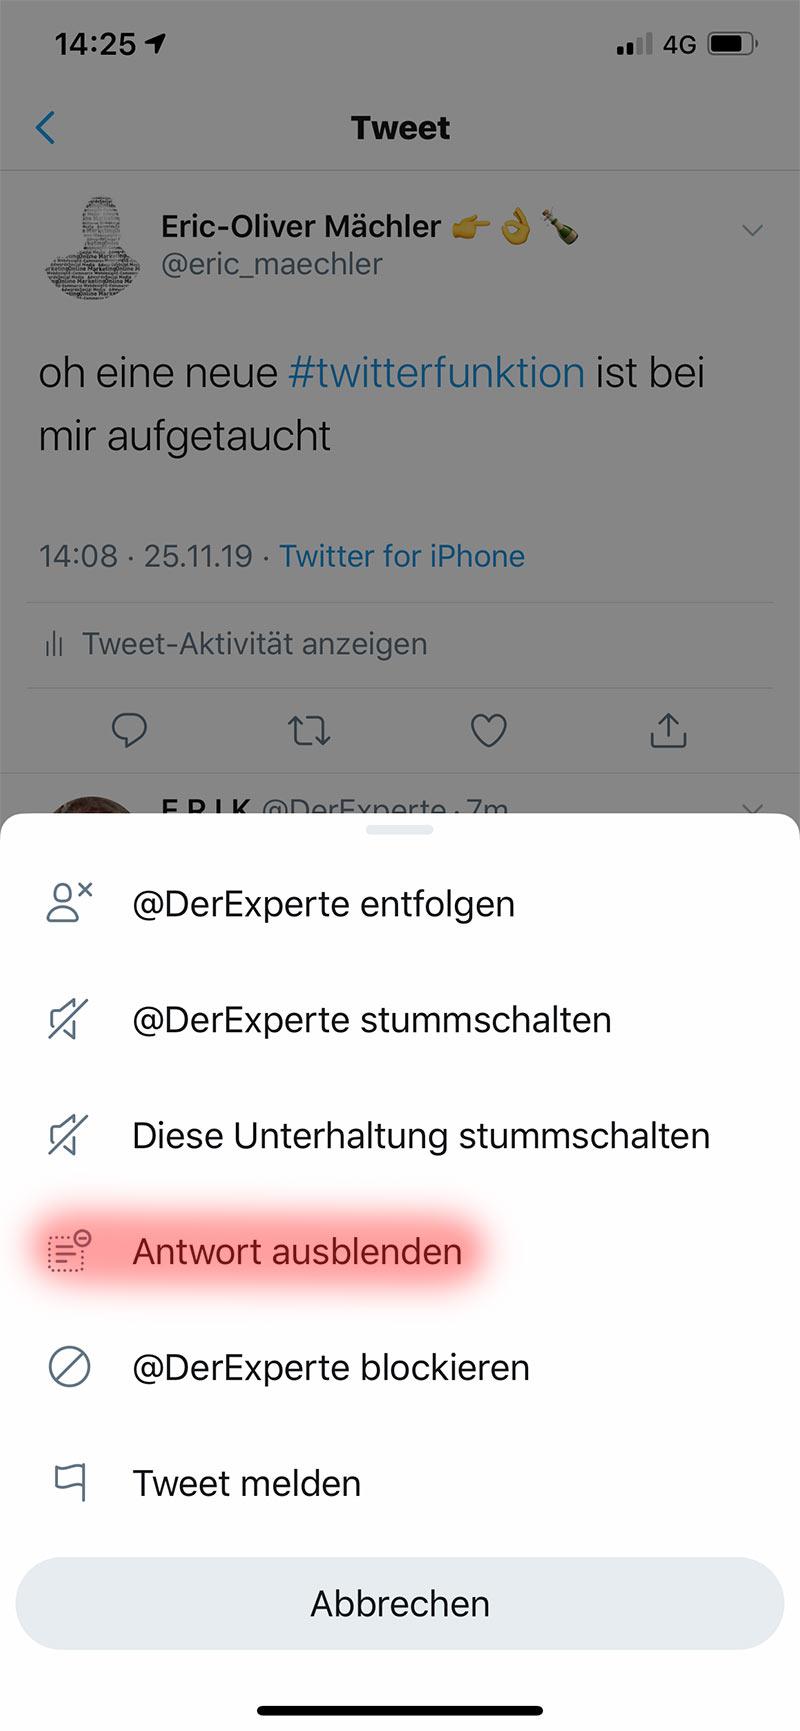 twitter funktion antwort ausblenden 2 - Twitter neue Funktion - Antwort ausblenden